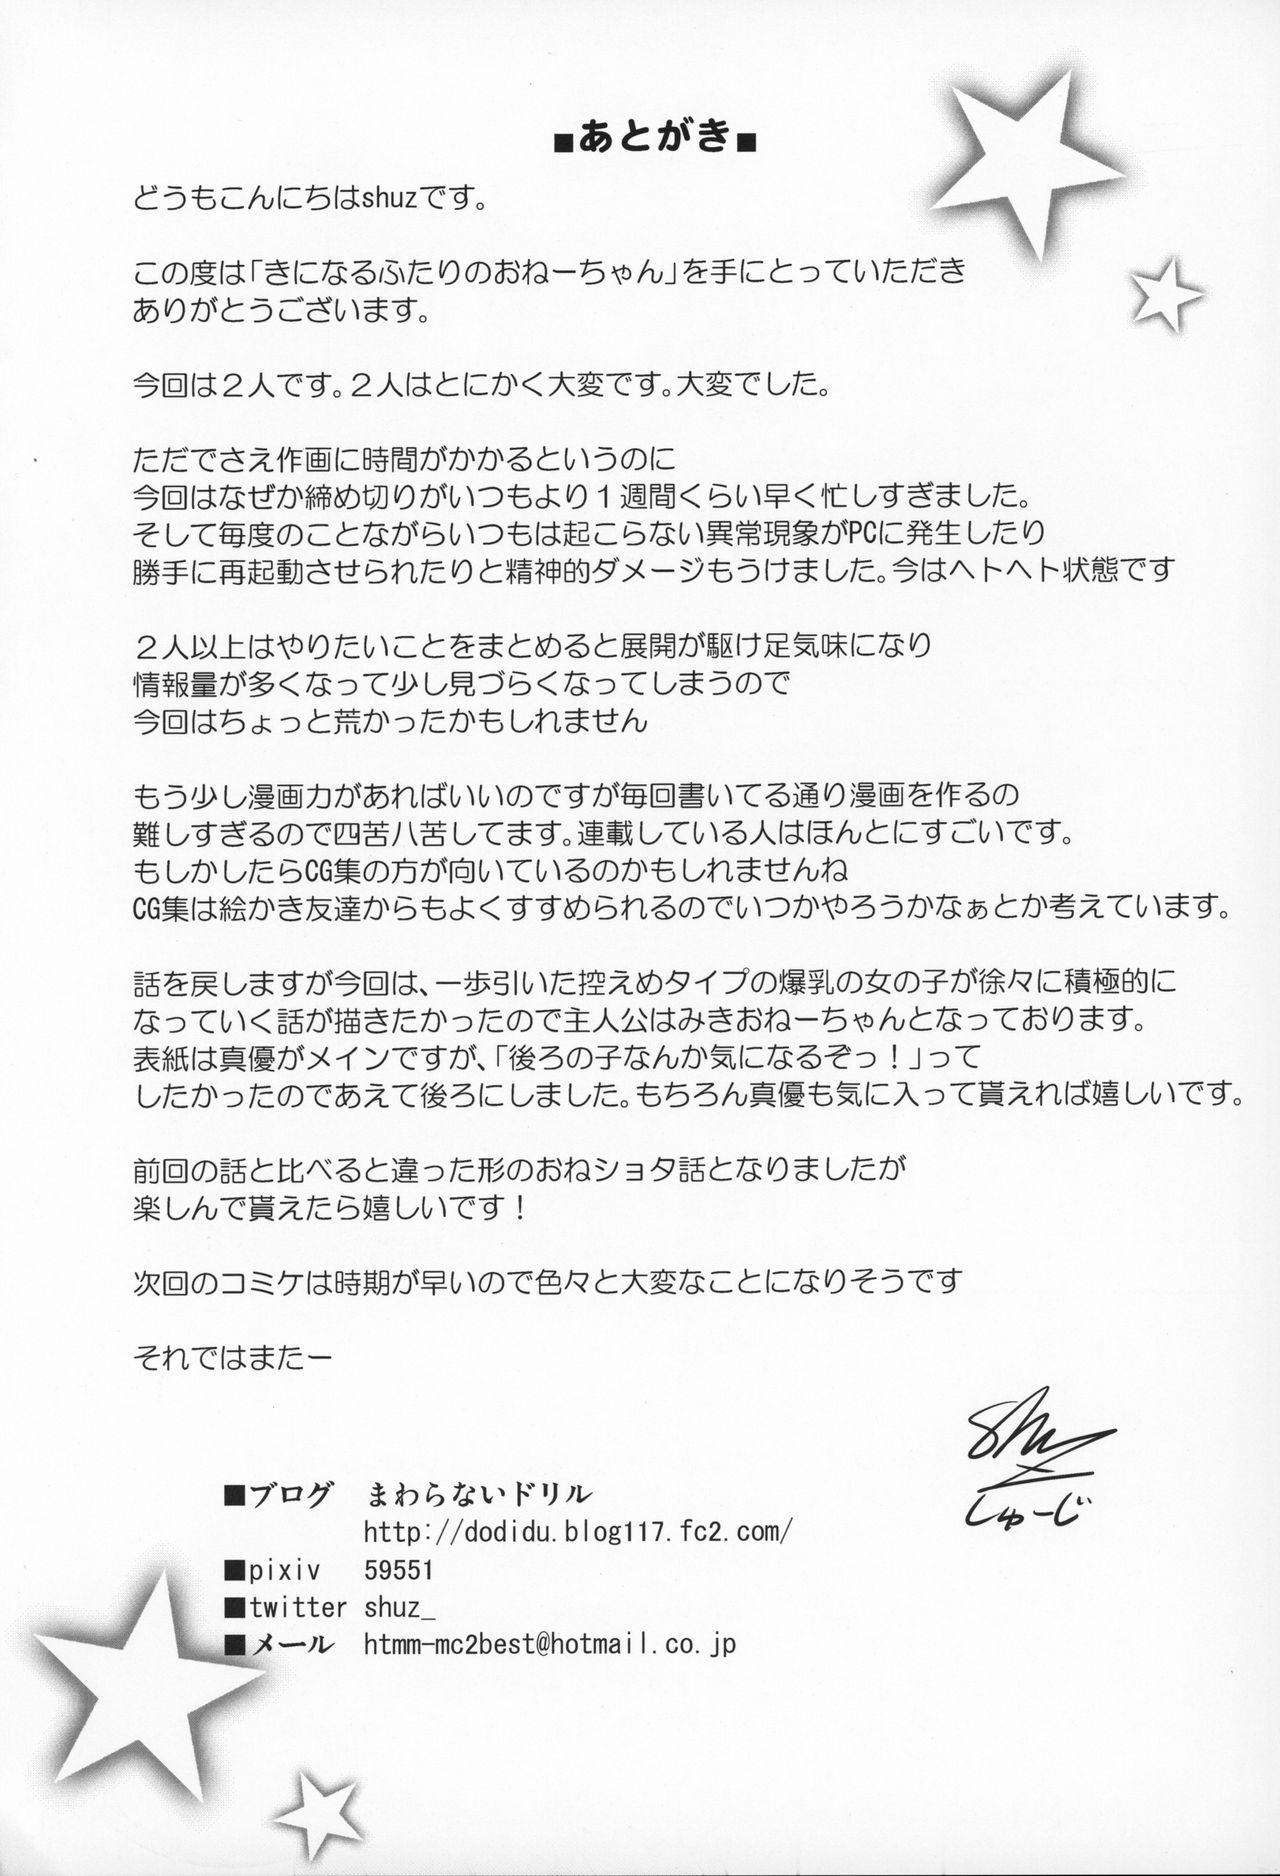 Kininaru Futari no Onee-chan 23